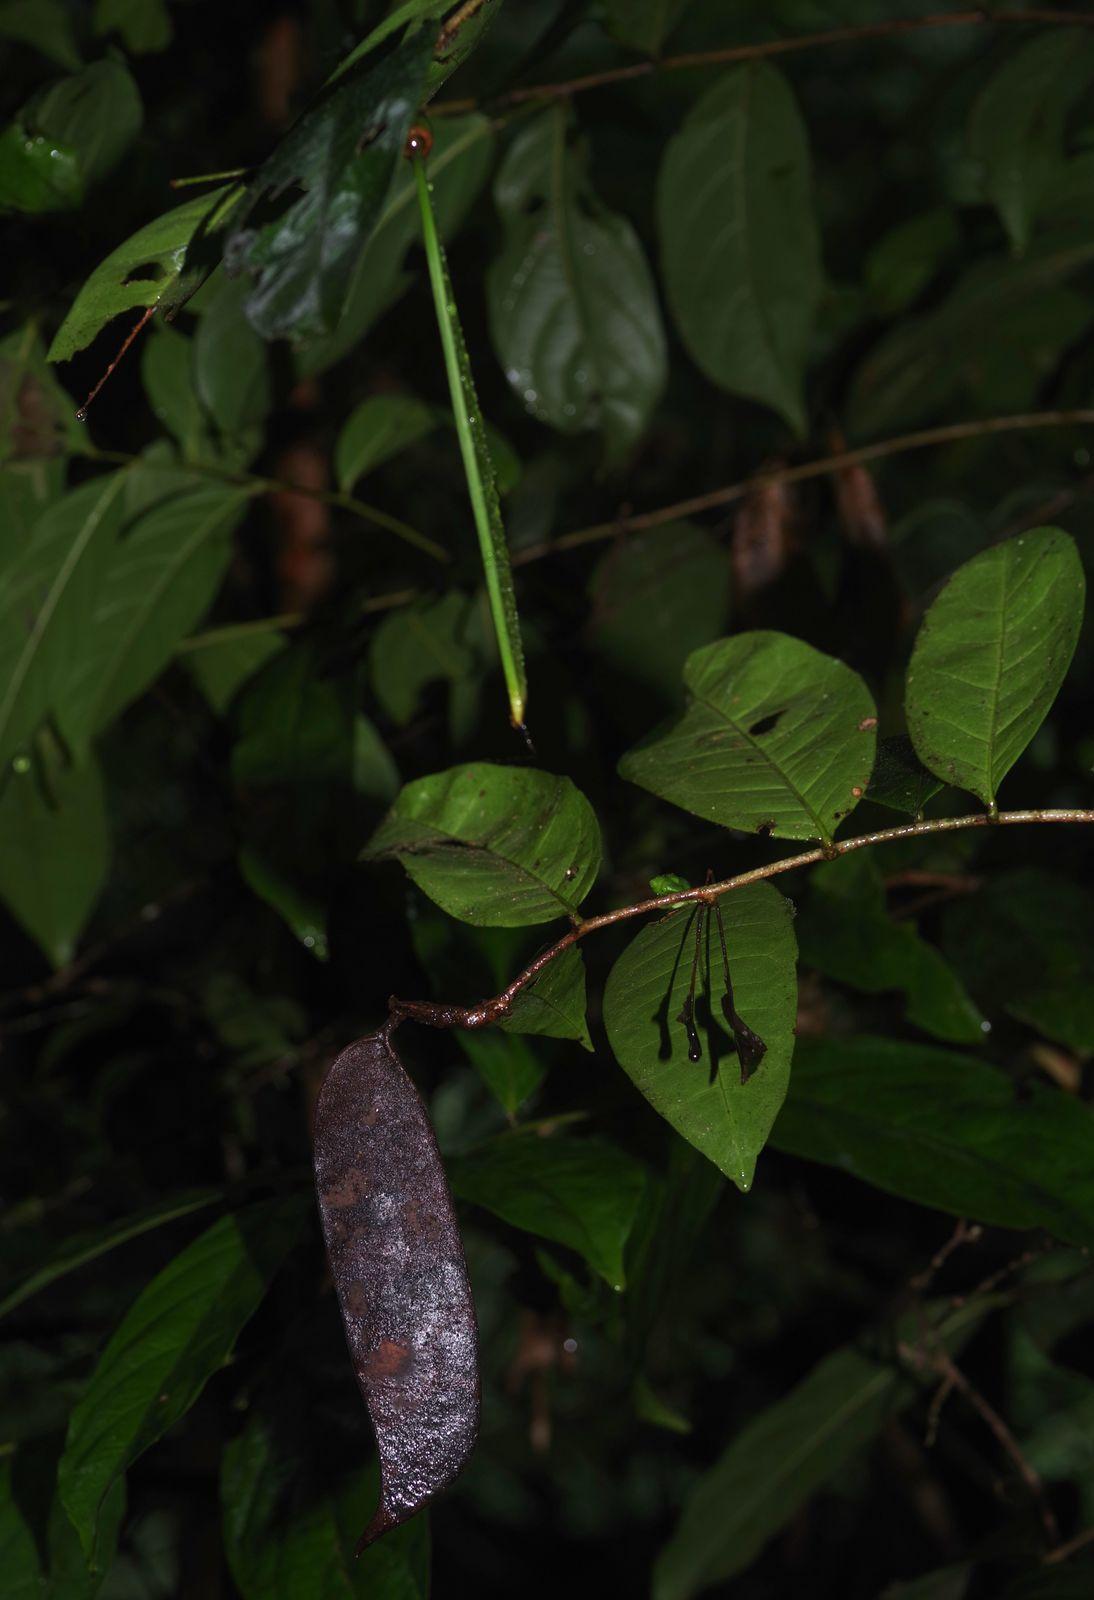 Paloue guianensis